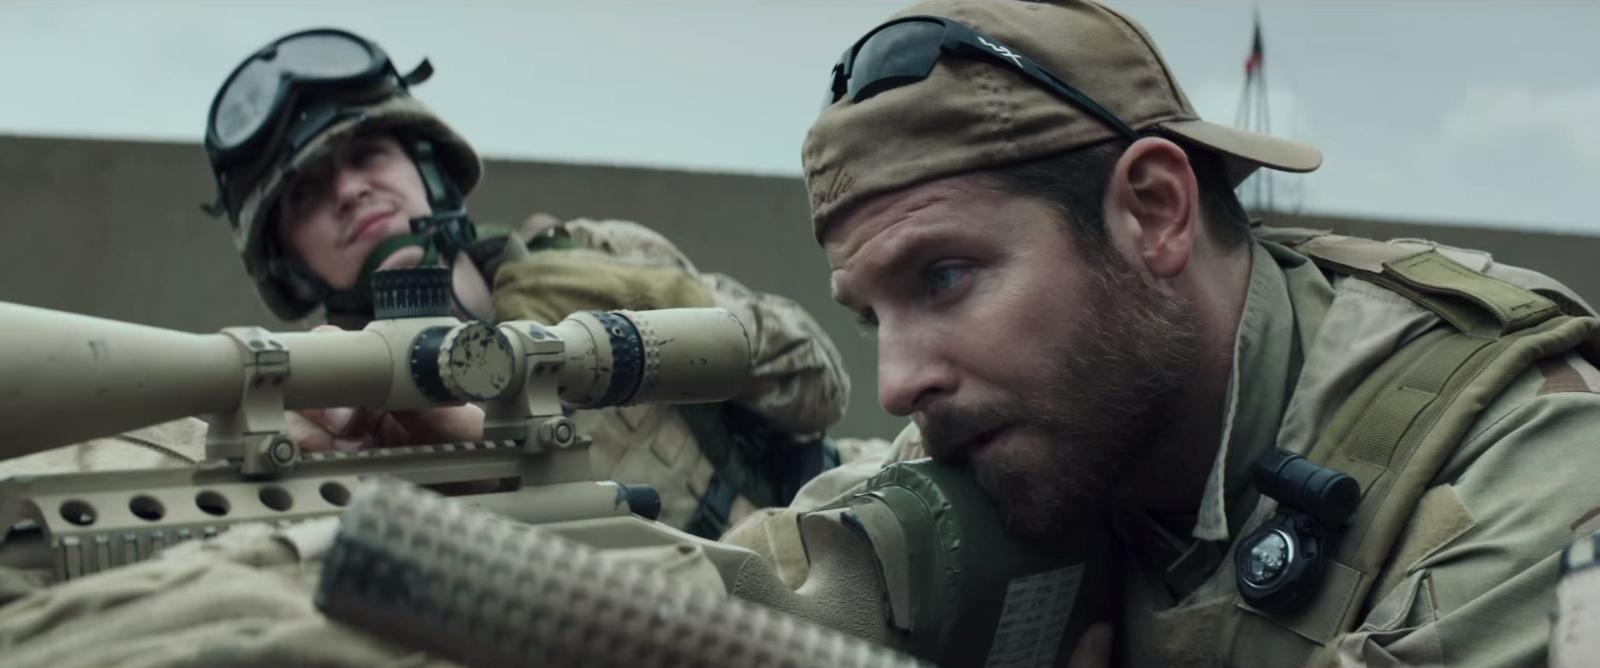 Wiley X sunglasses in American Sniper